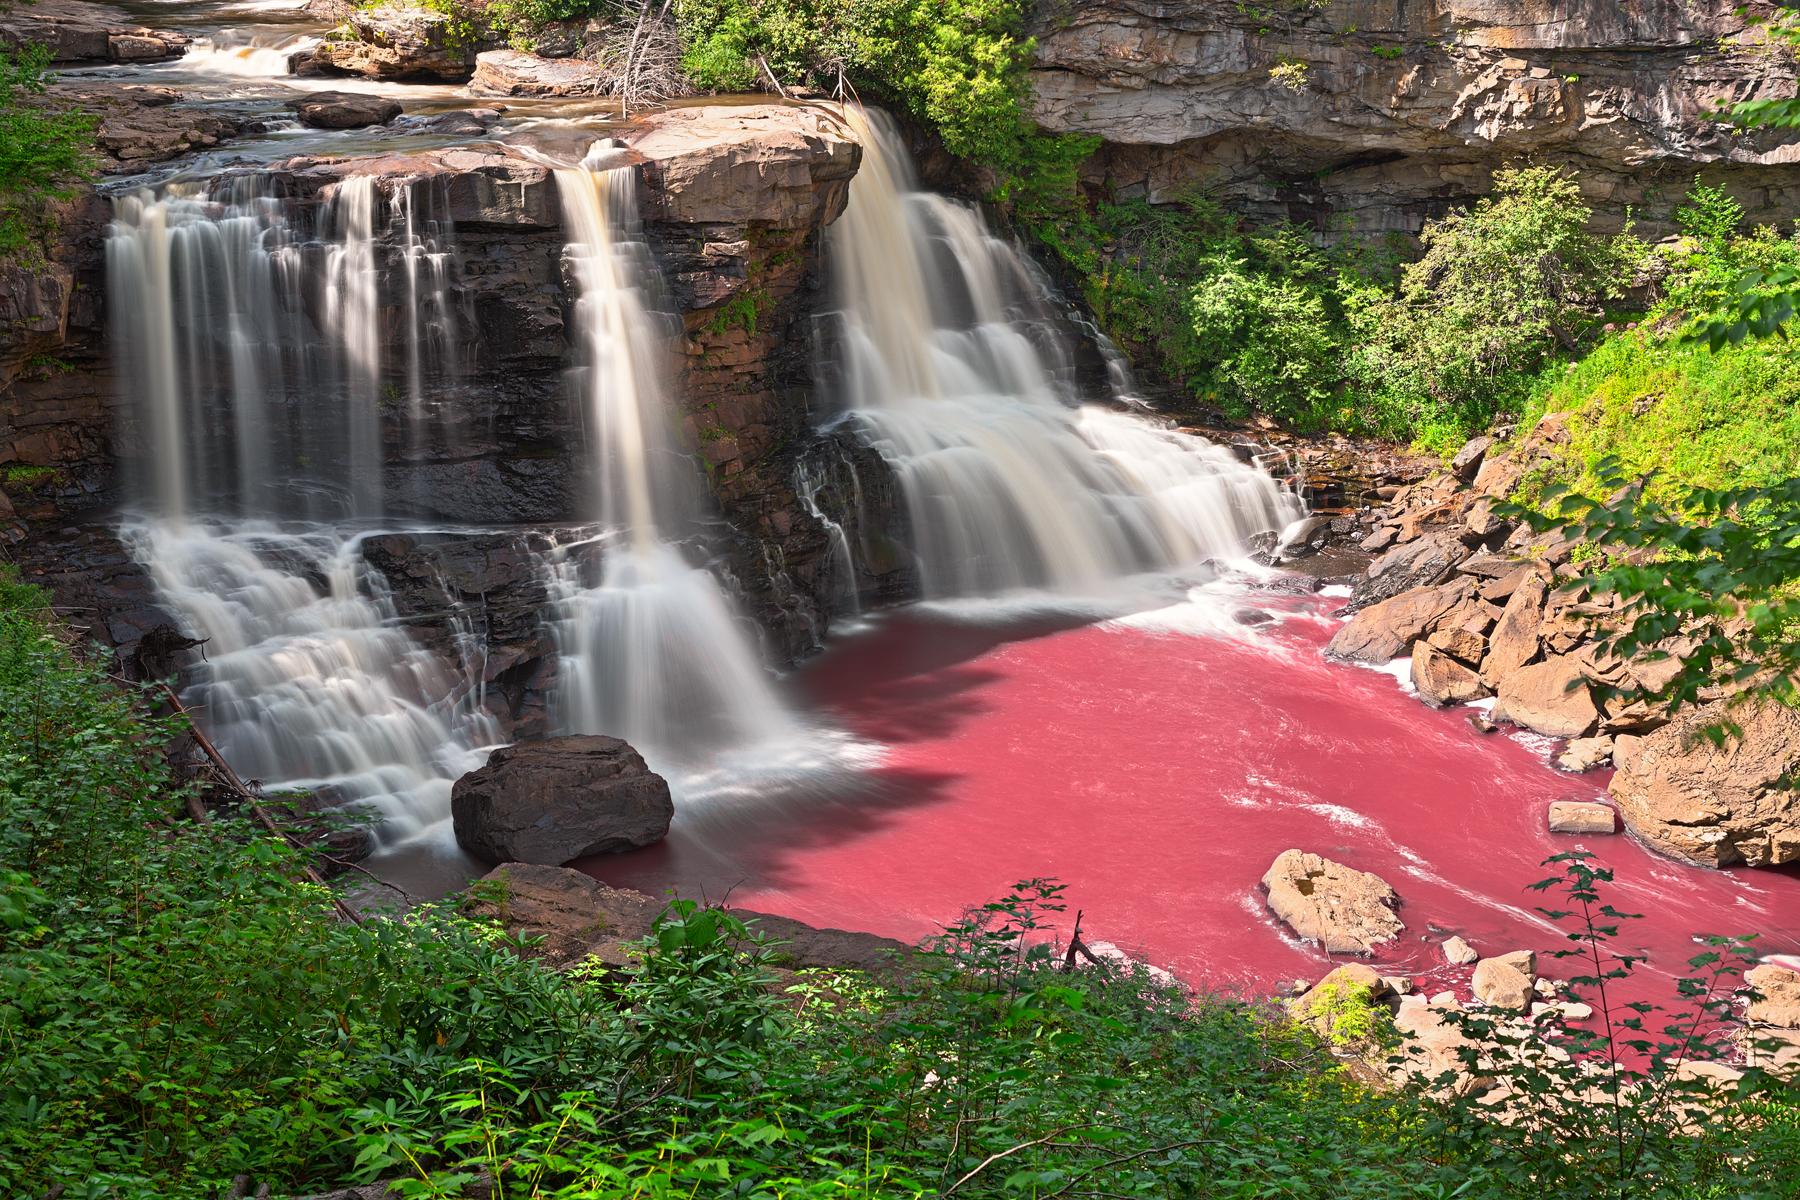 Pinkwater falls - hdr photo